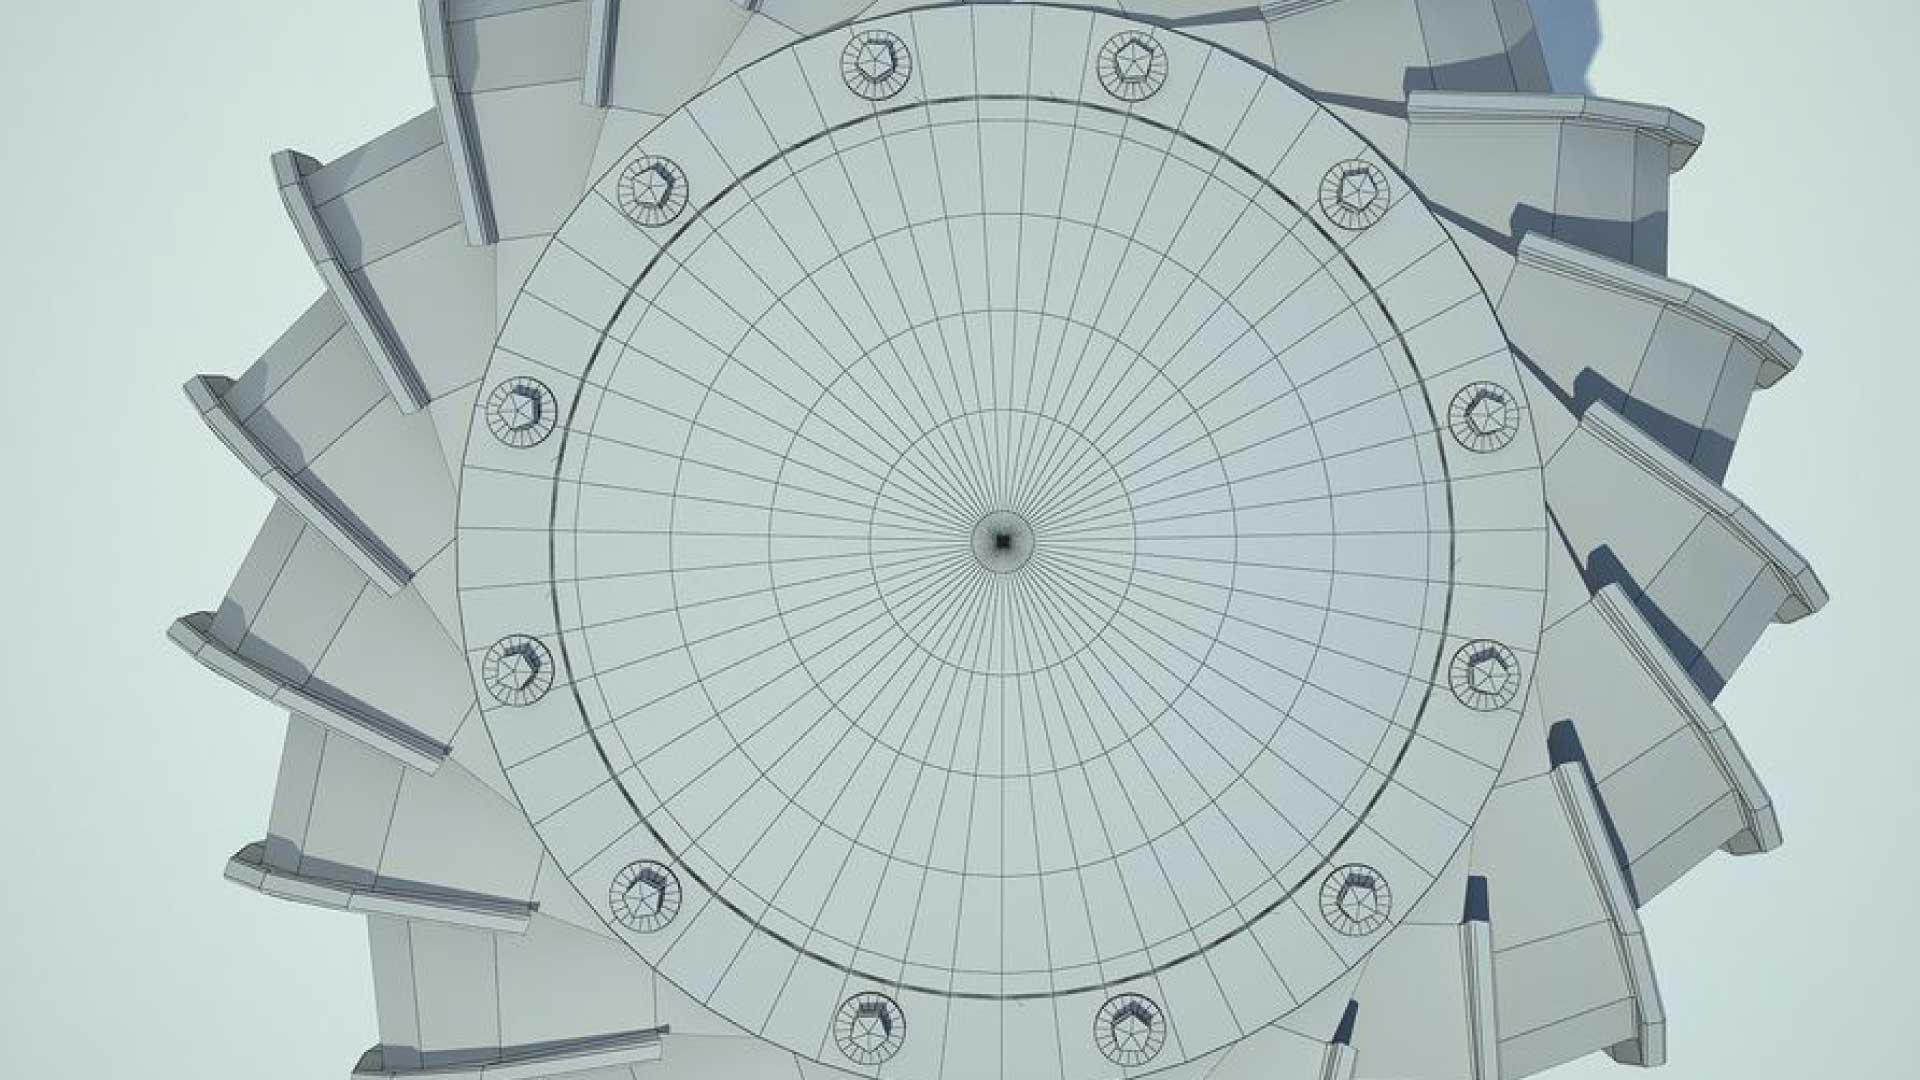 Whirlybird Roof Ventilation Sydney